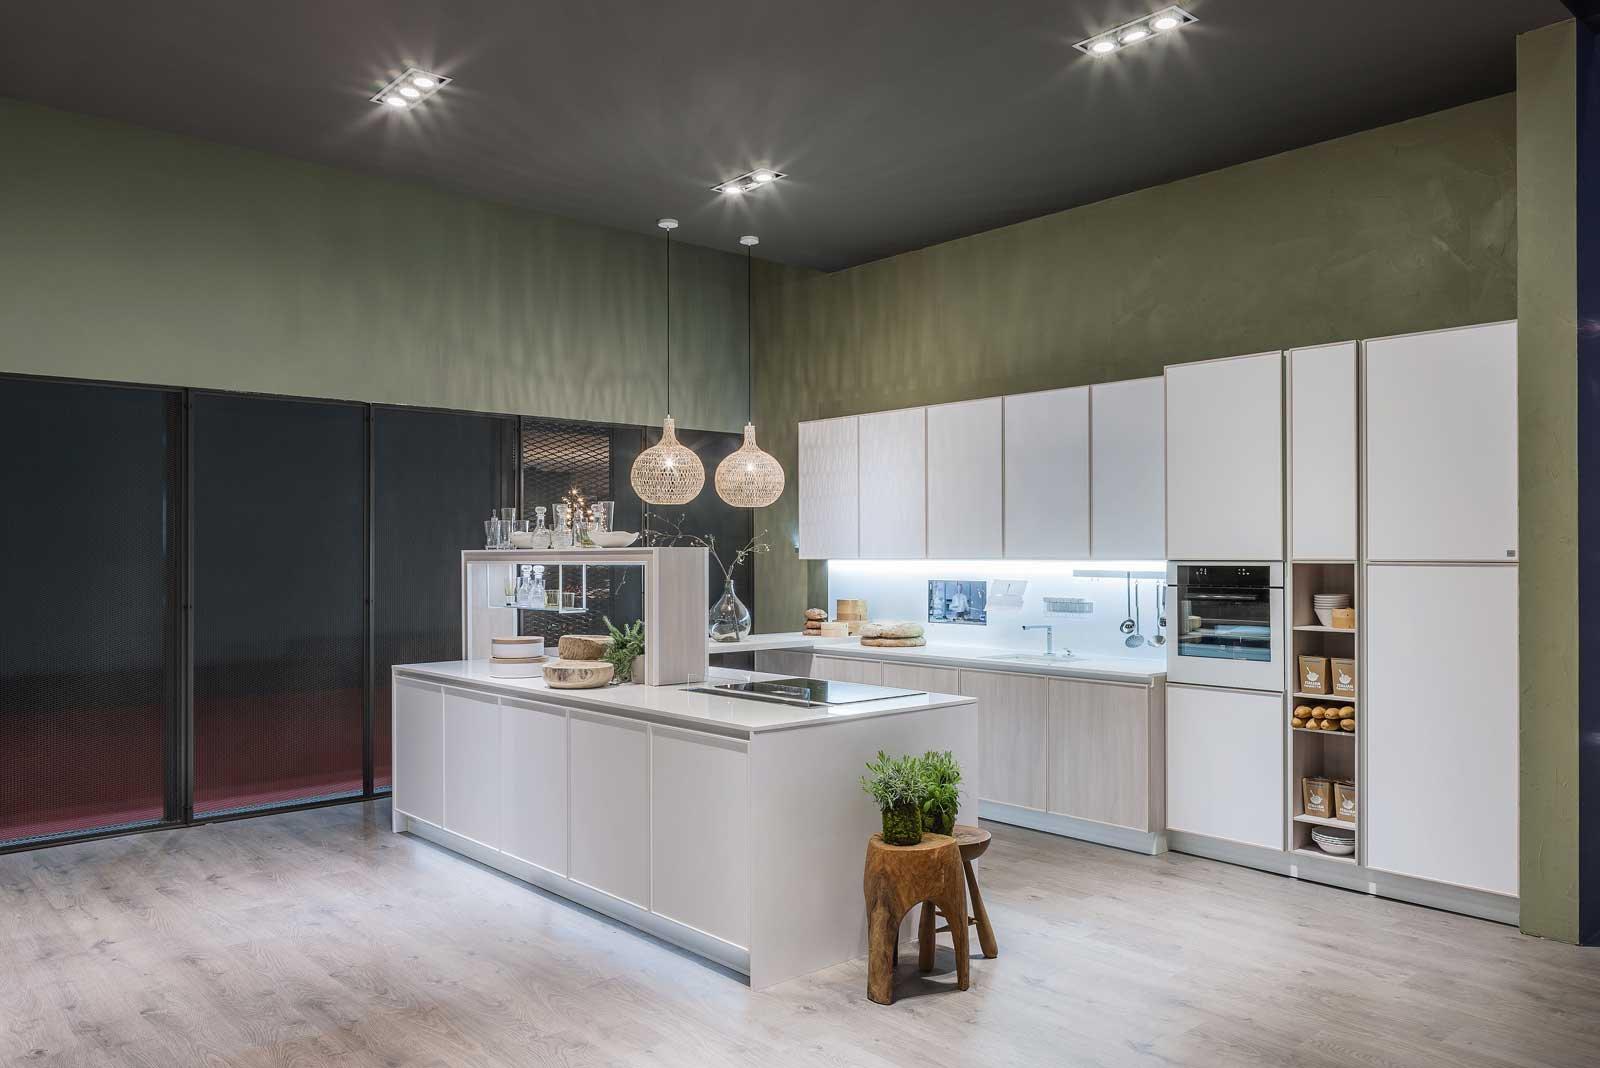 Stunning Progetto Cucina Ristorante Contemporary - Home Ideas ...